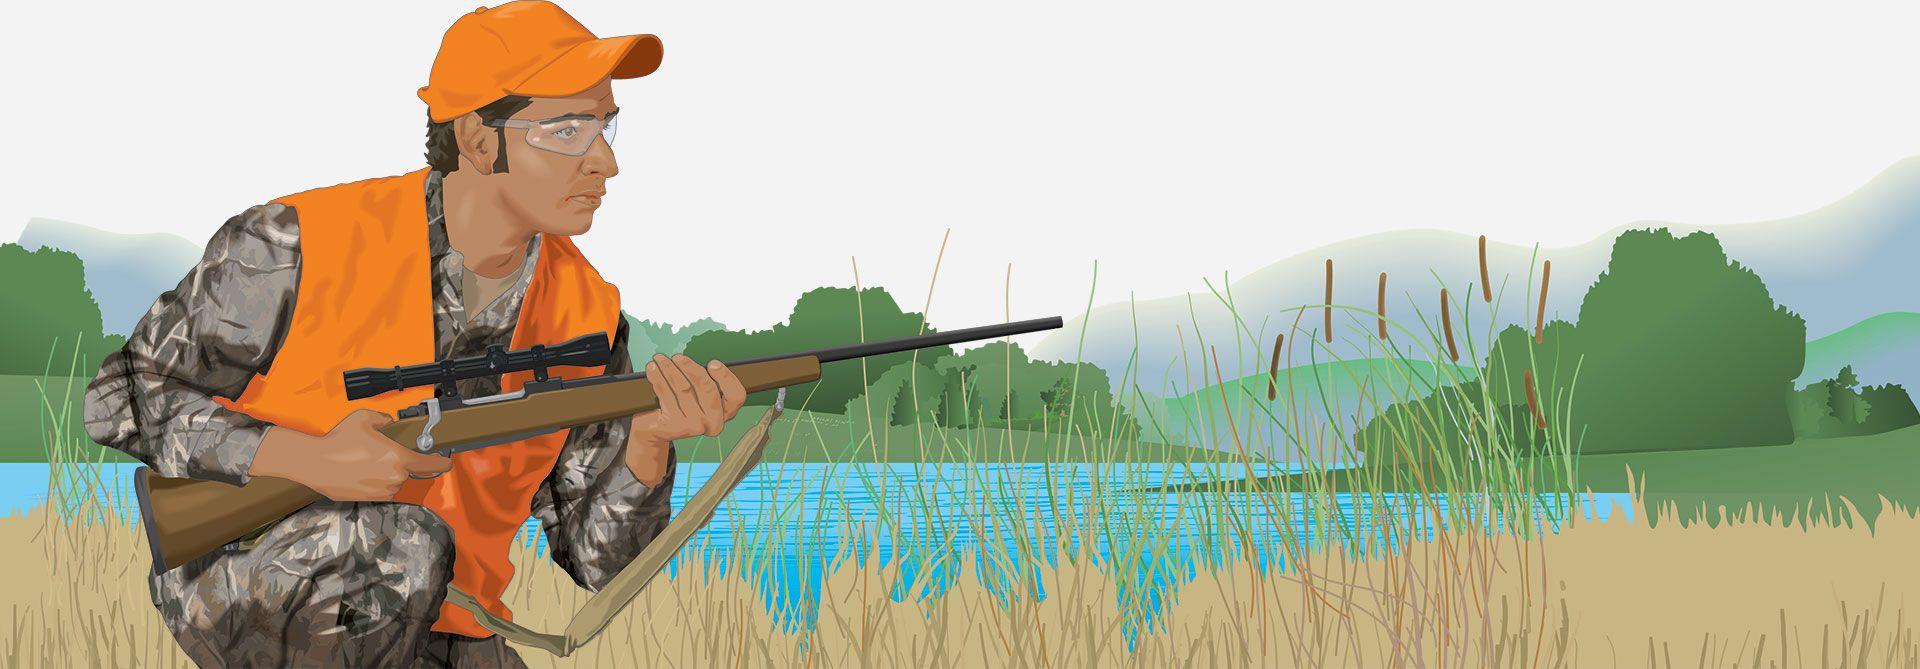 Colorado hunting license hunt safety course colorado